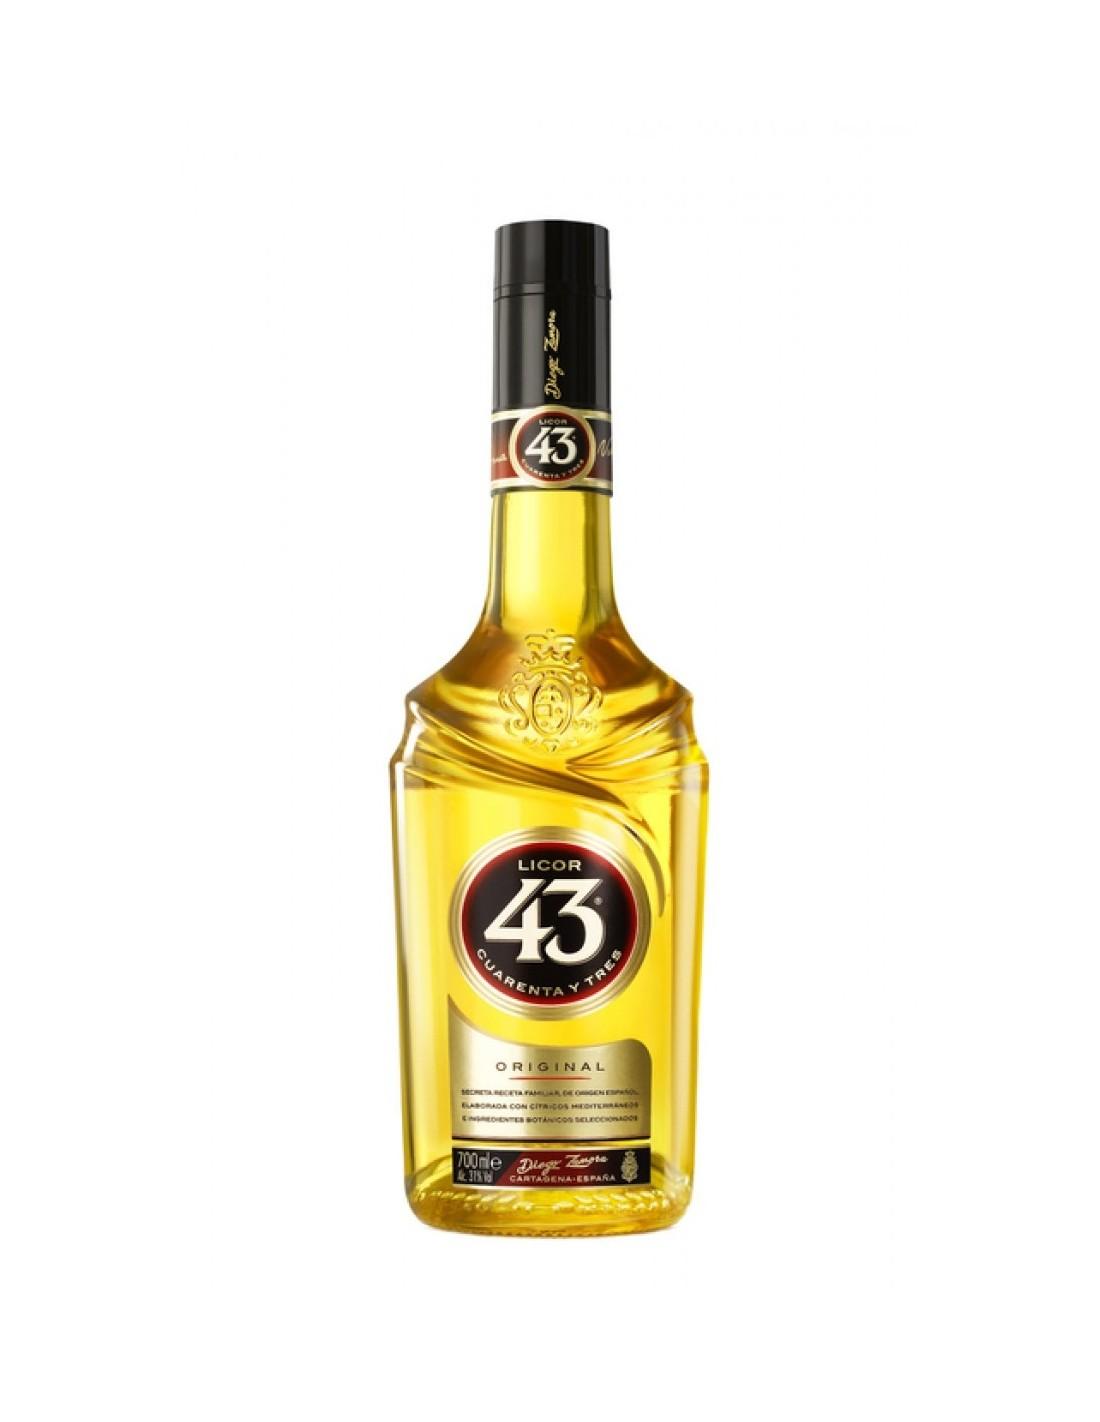 Lichior Licor 43 0.7l